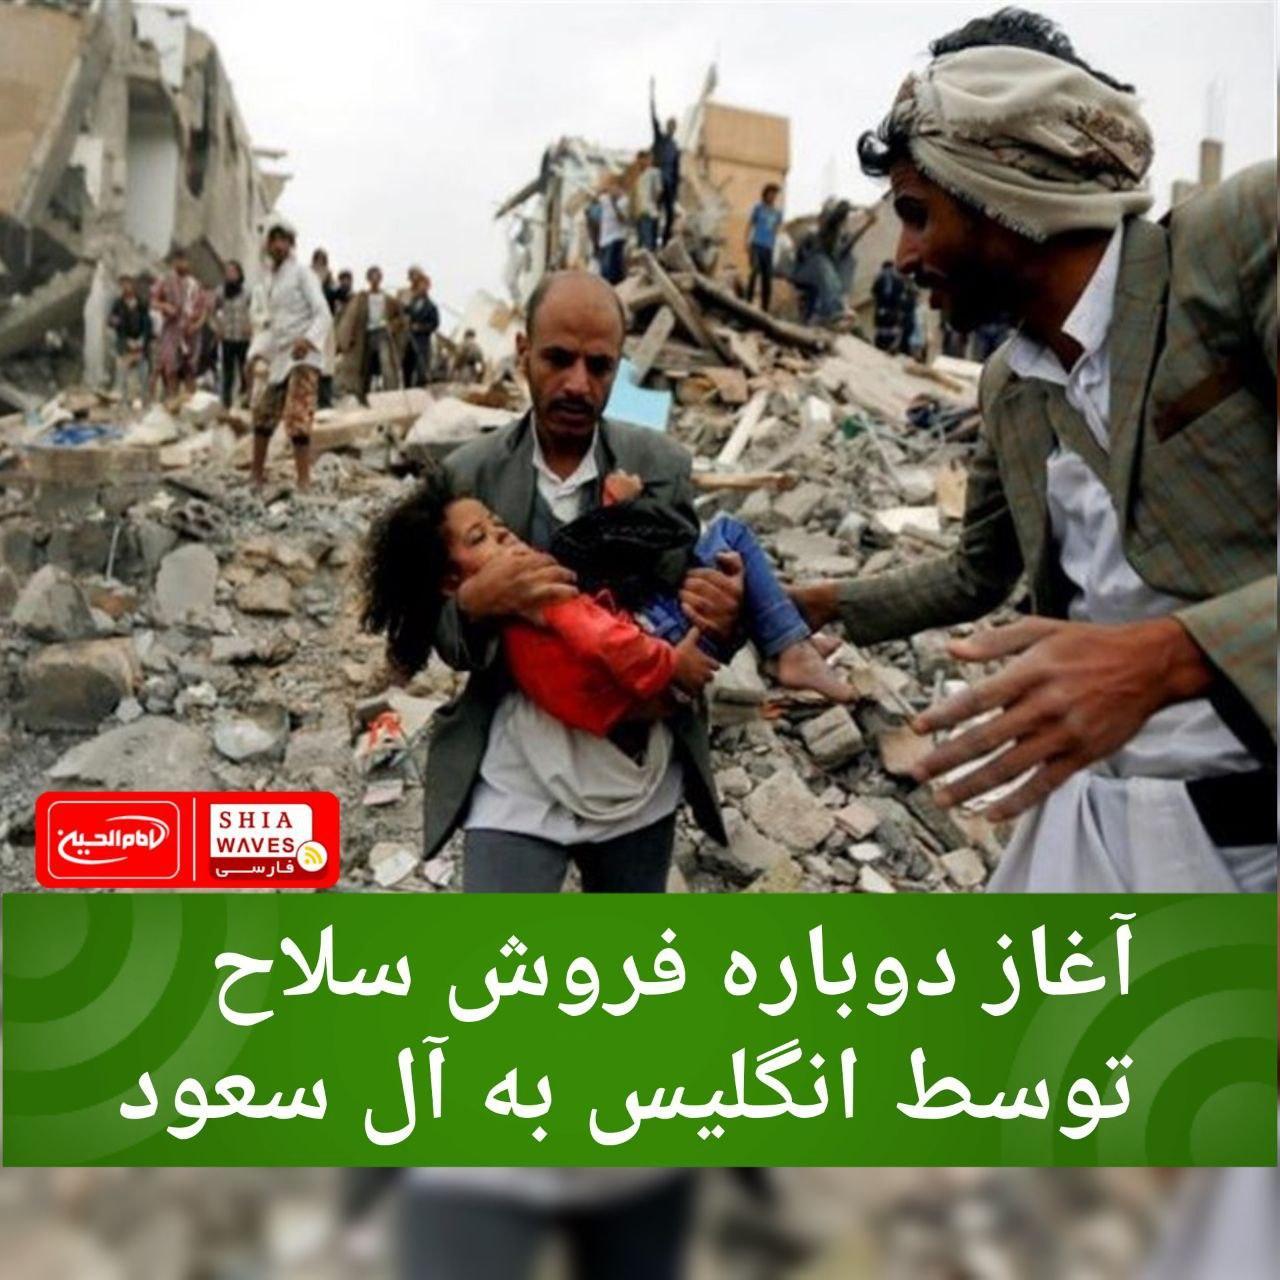 تصویر آغاز دوباره فروش سلاح توسط انگلیس به آل سعود